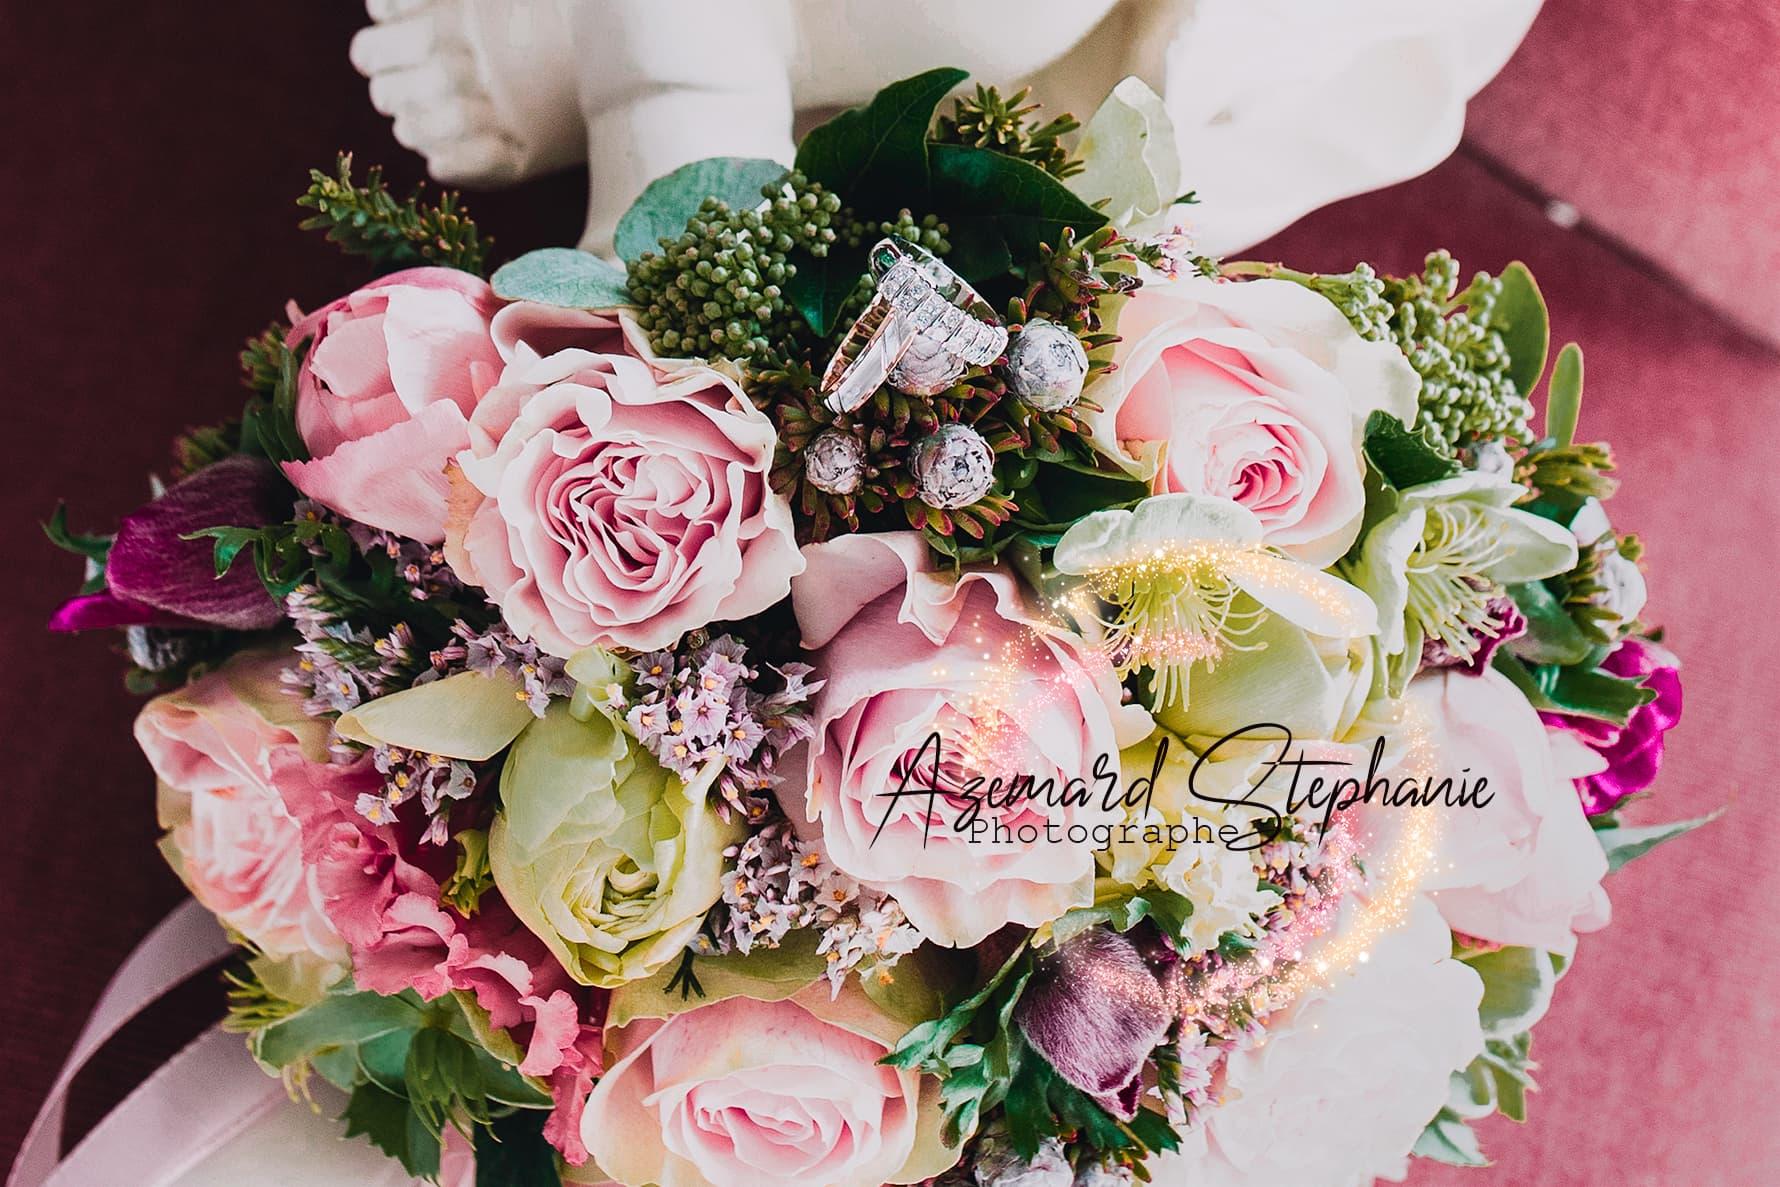 Bouquet chic de fleurs fraîches rose et blanc. Azemard Stéphanie photographe dans l'Hérault